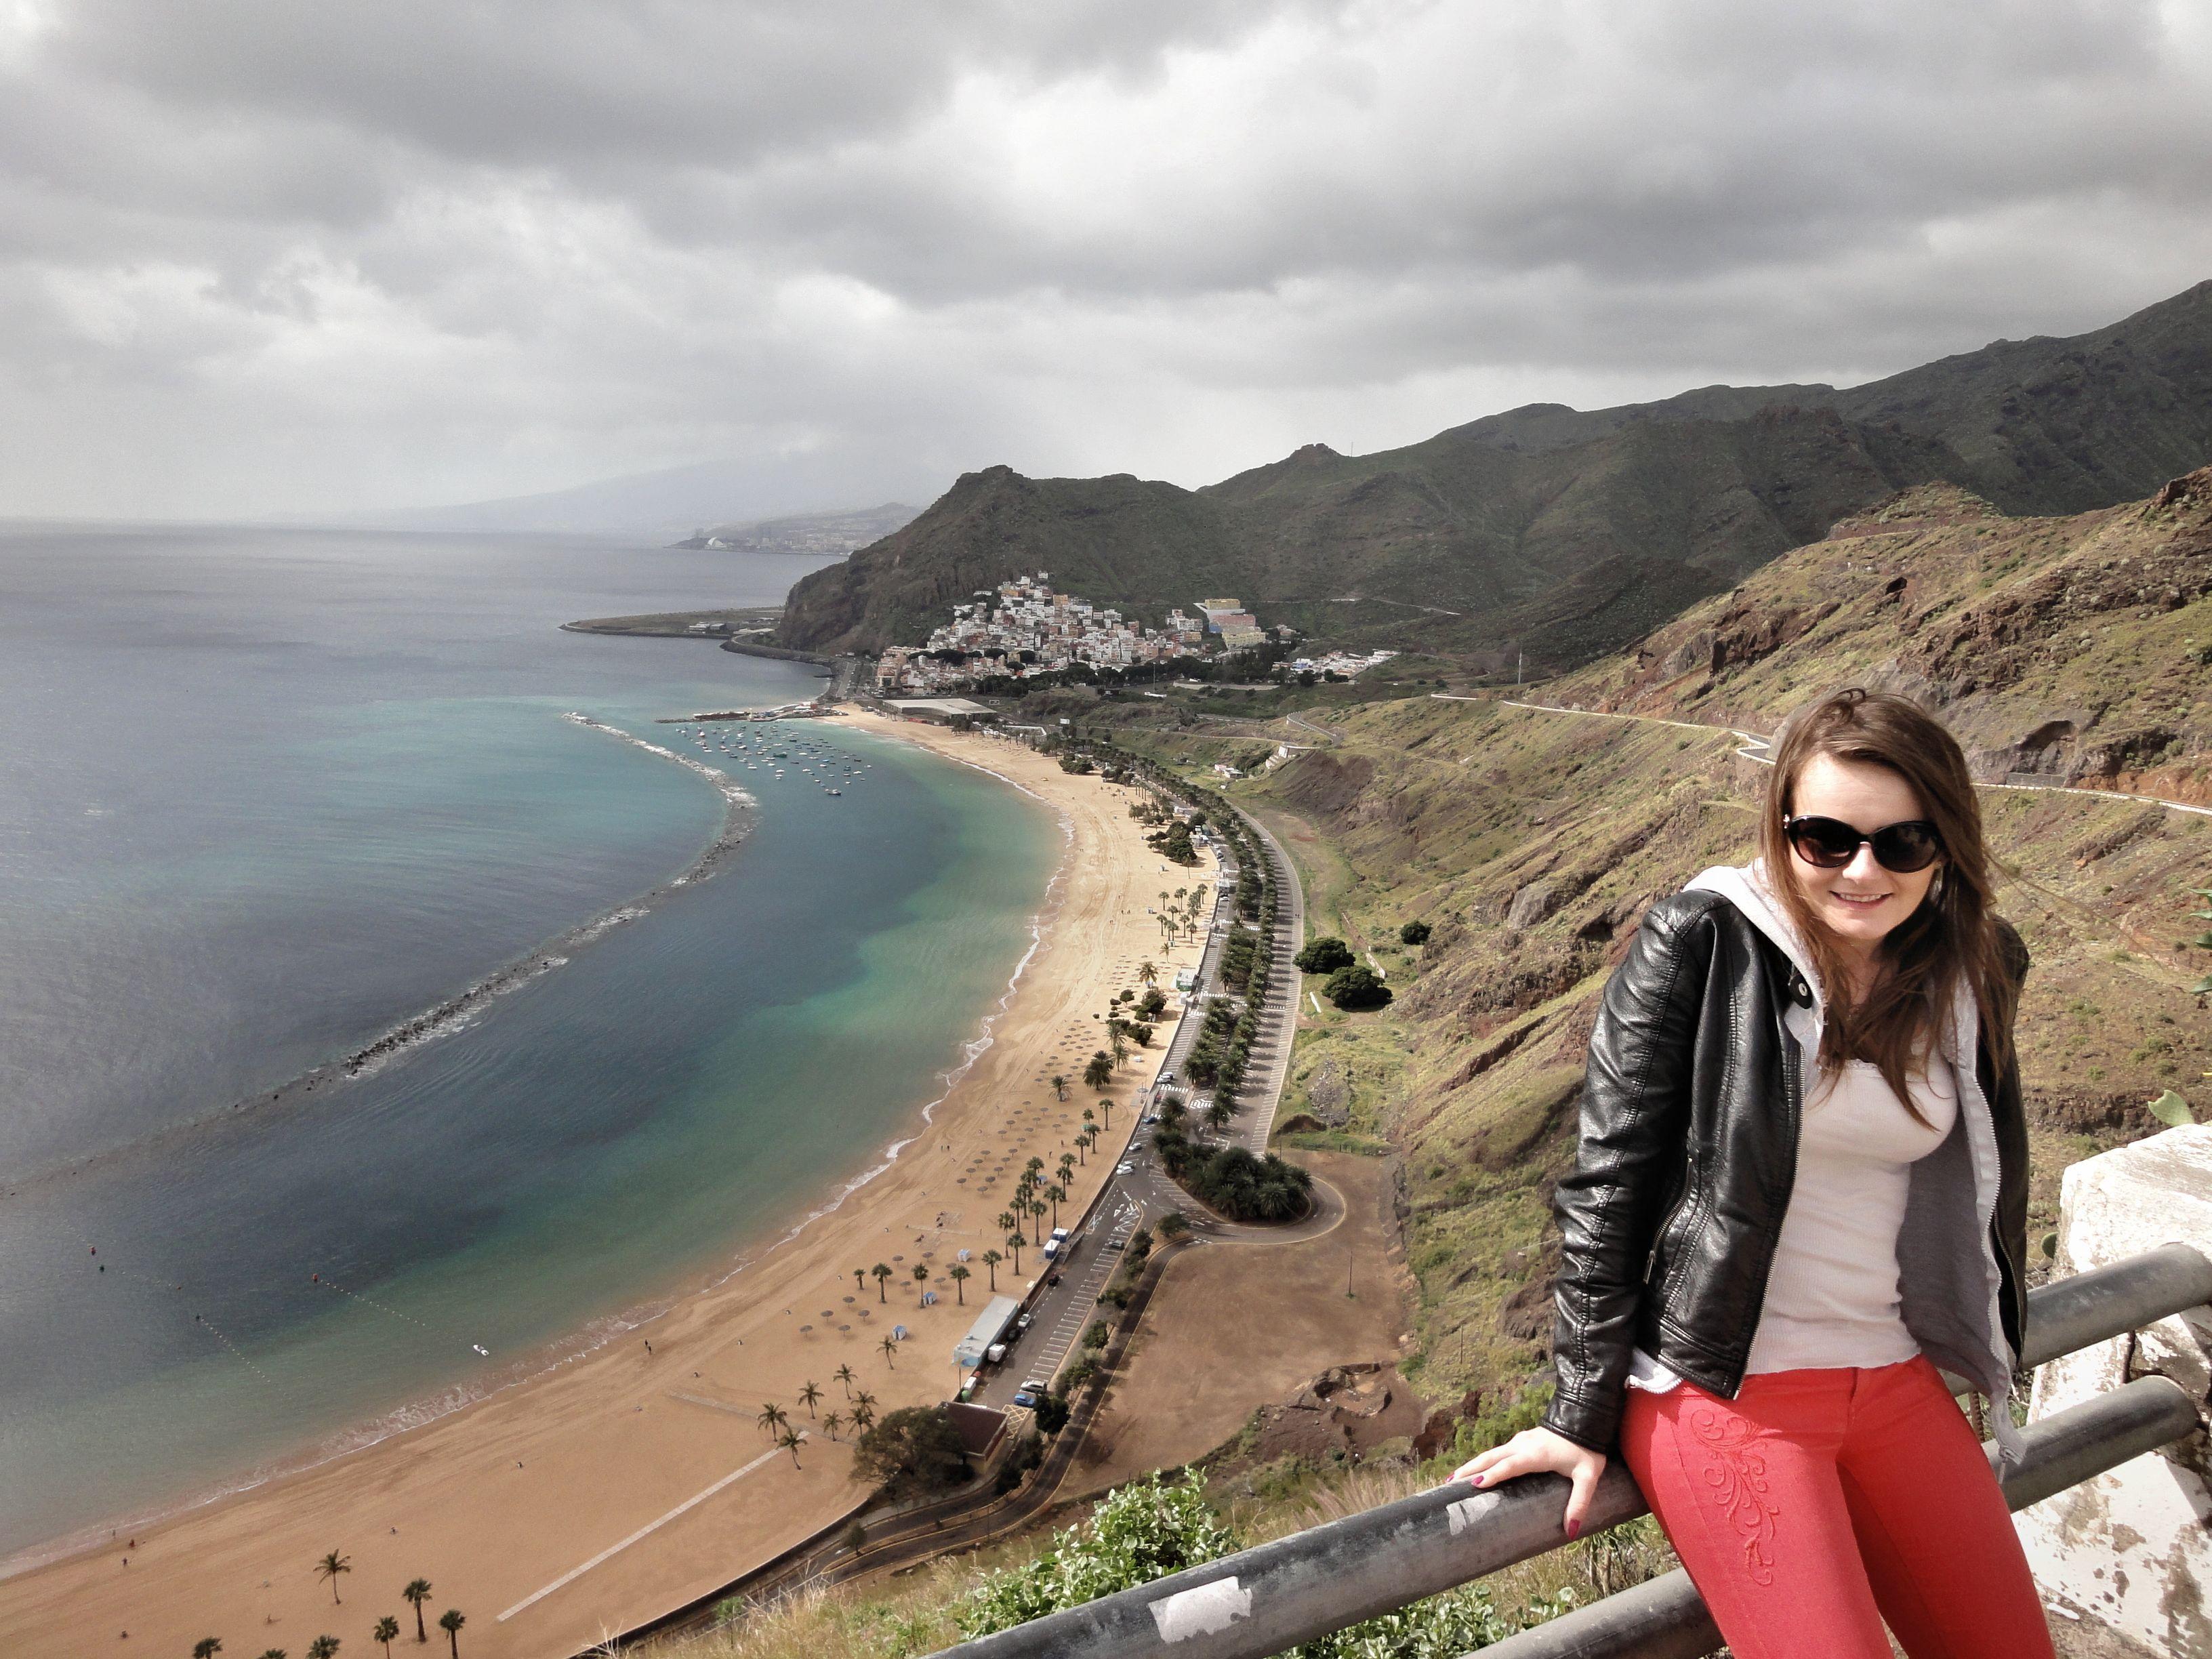 Playa De Las Teresitas Tenerife Beach The Incredibles